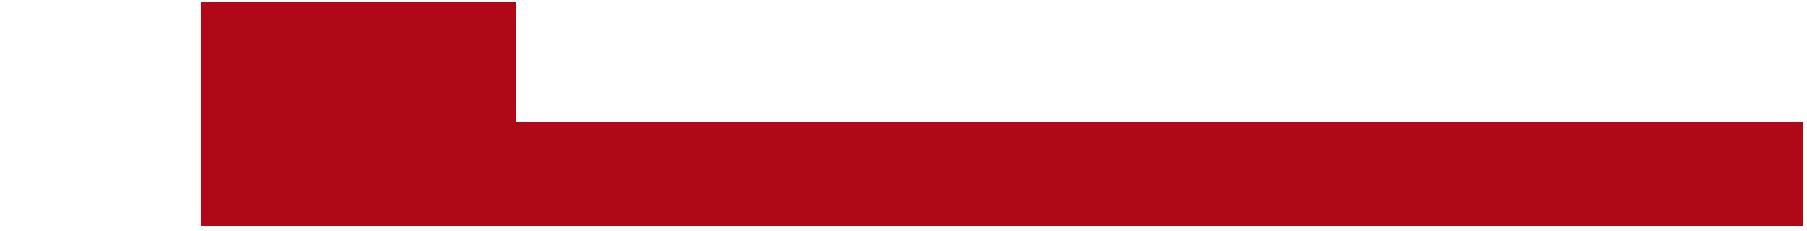 Steuerberater Frank Burkhard | Billigheim-Ingenheim